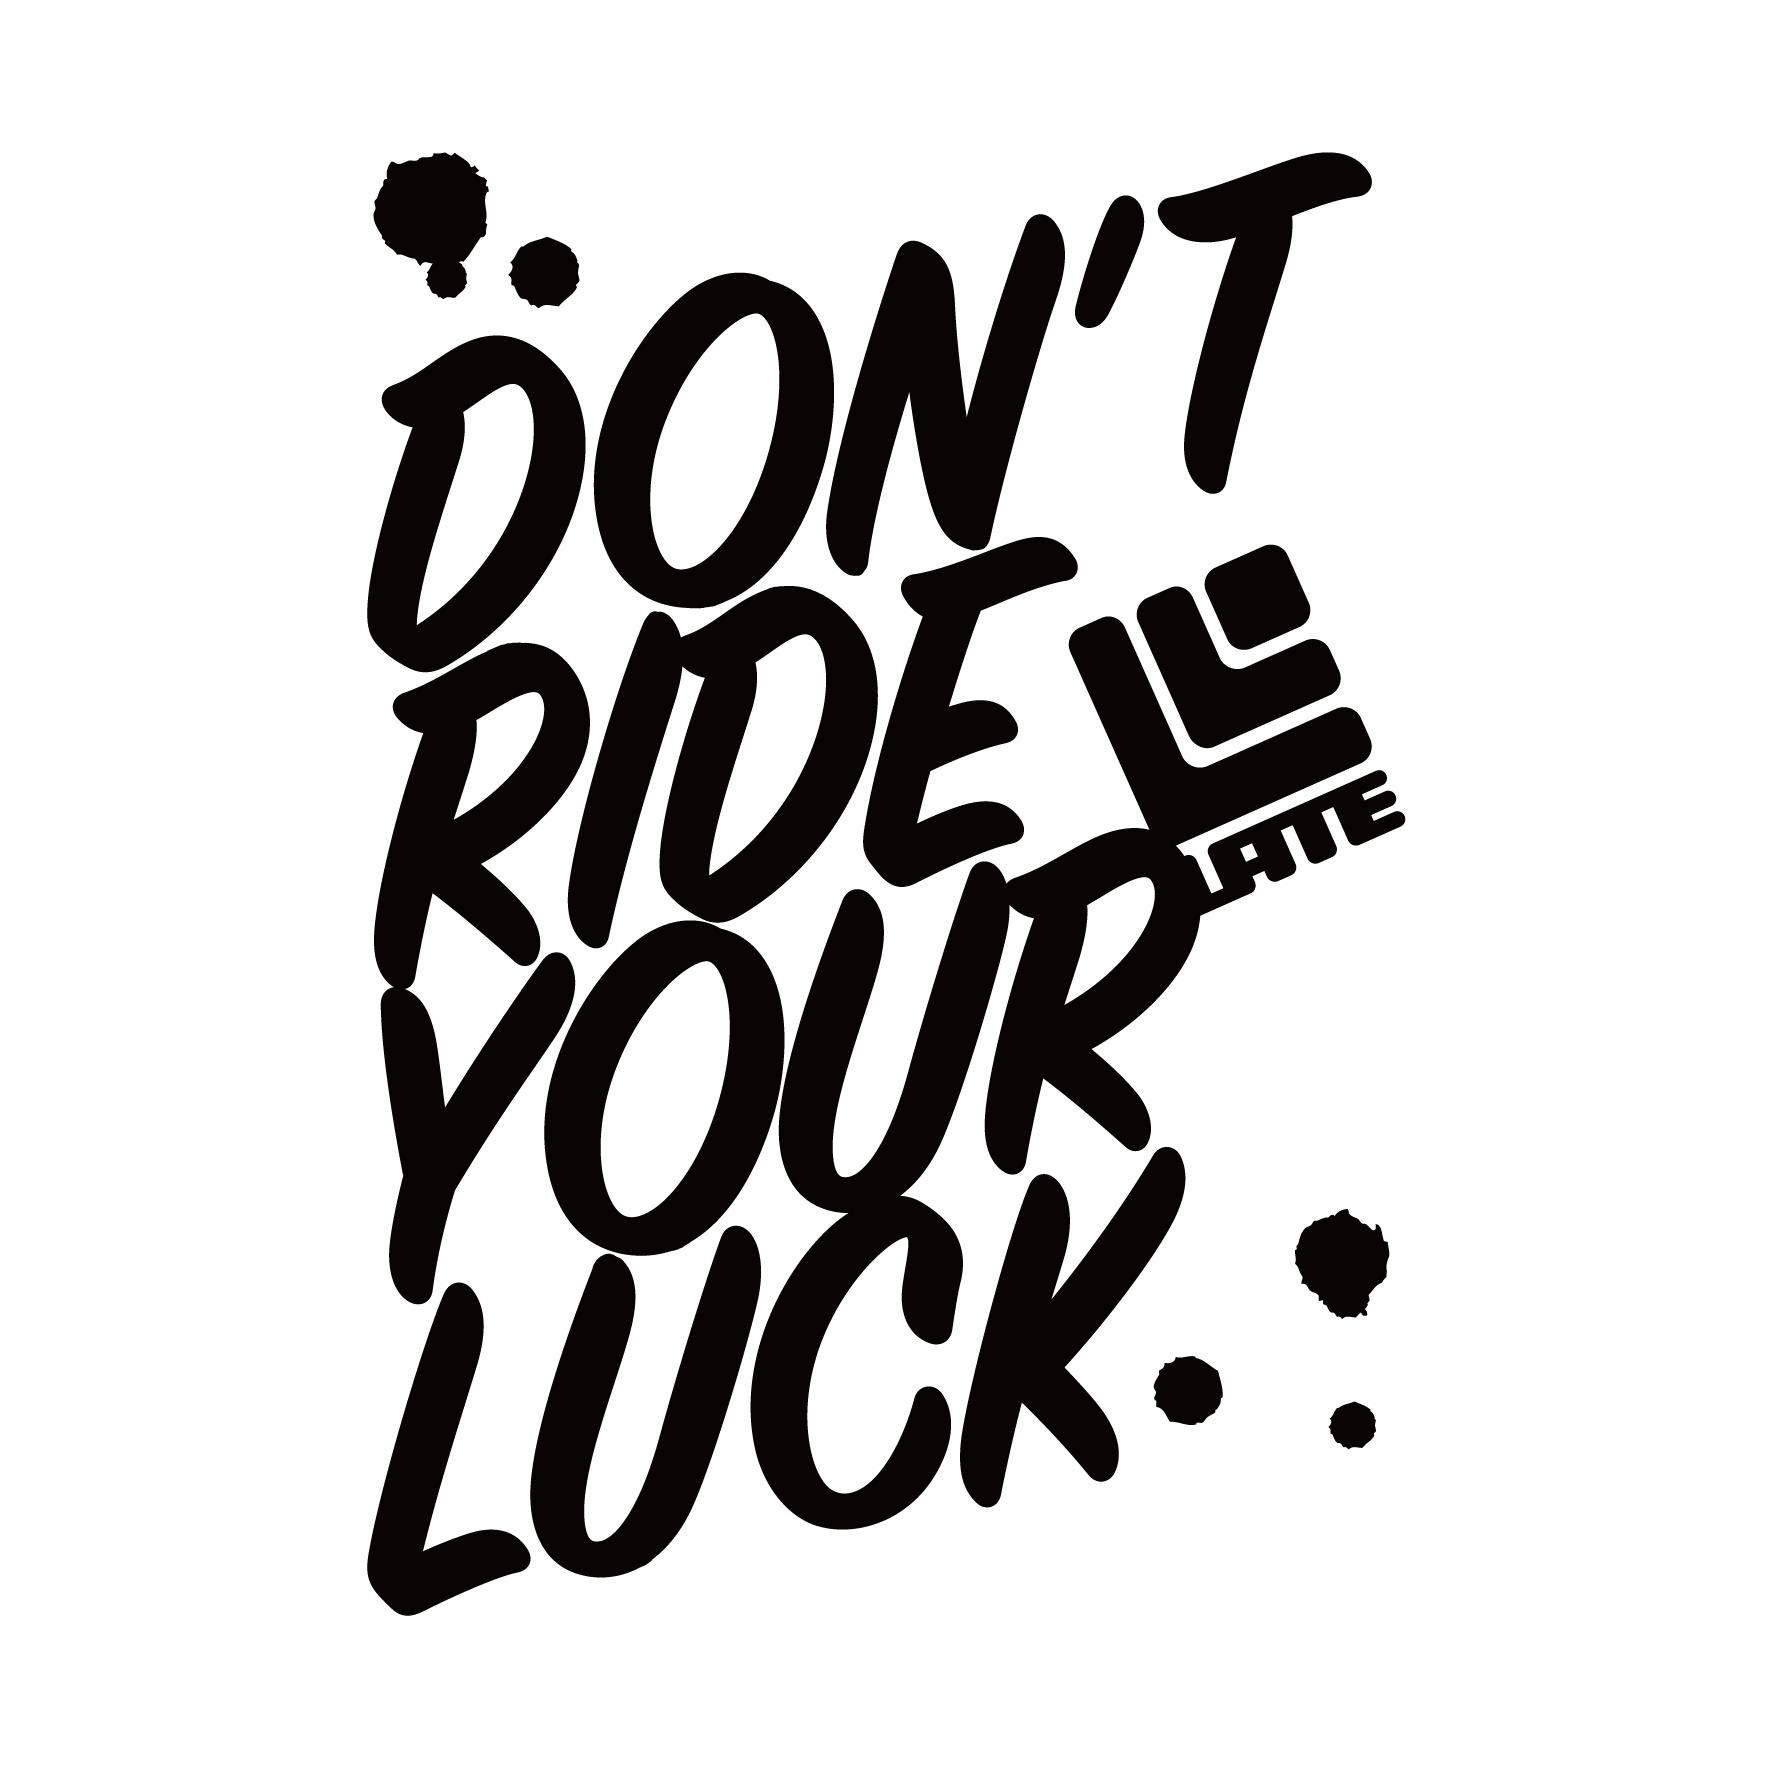 カッティングステッカー『DON'T RIDE YOUR LUCK』 ブラック